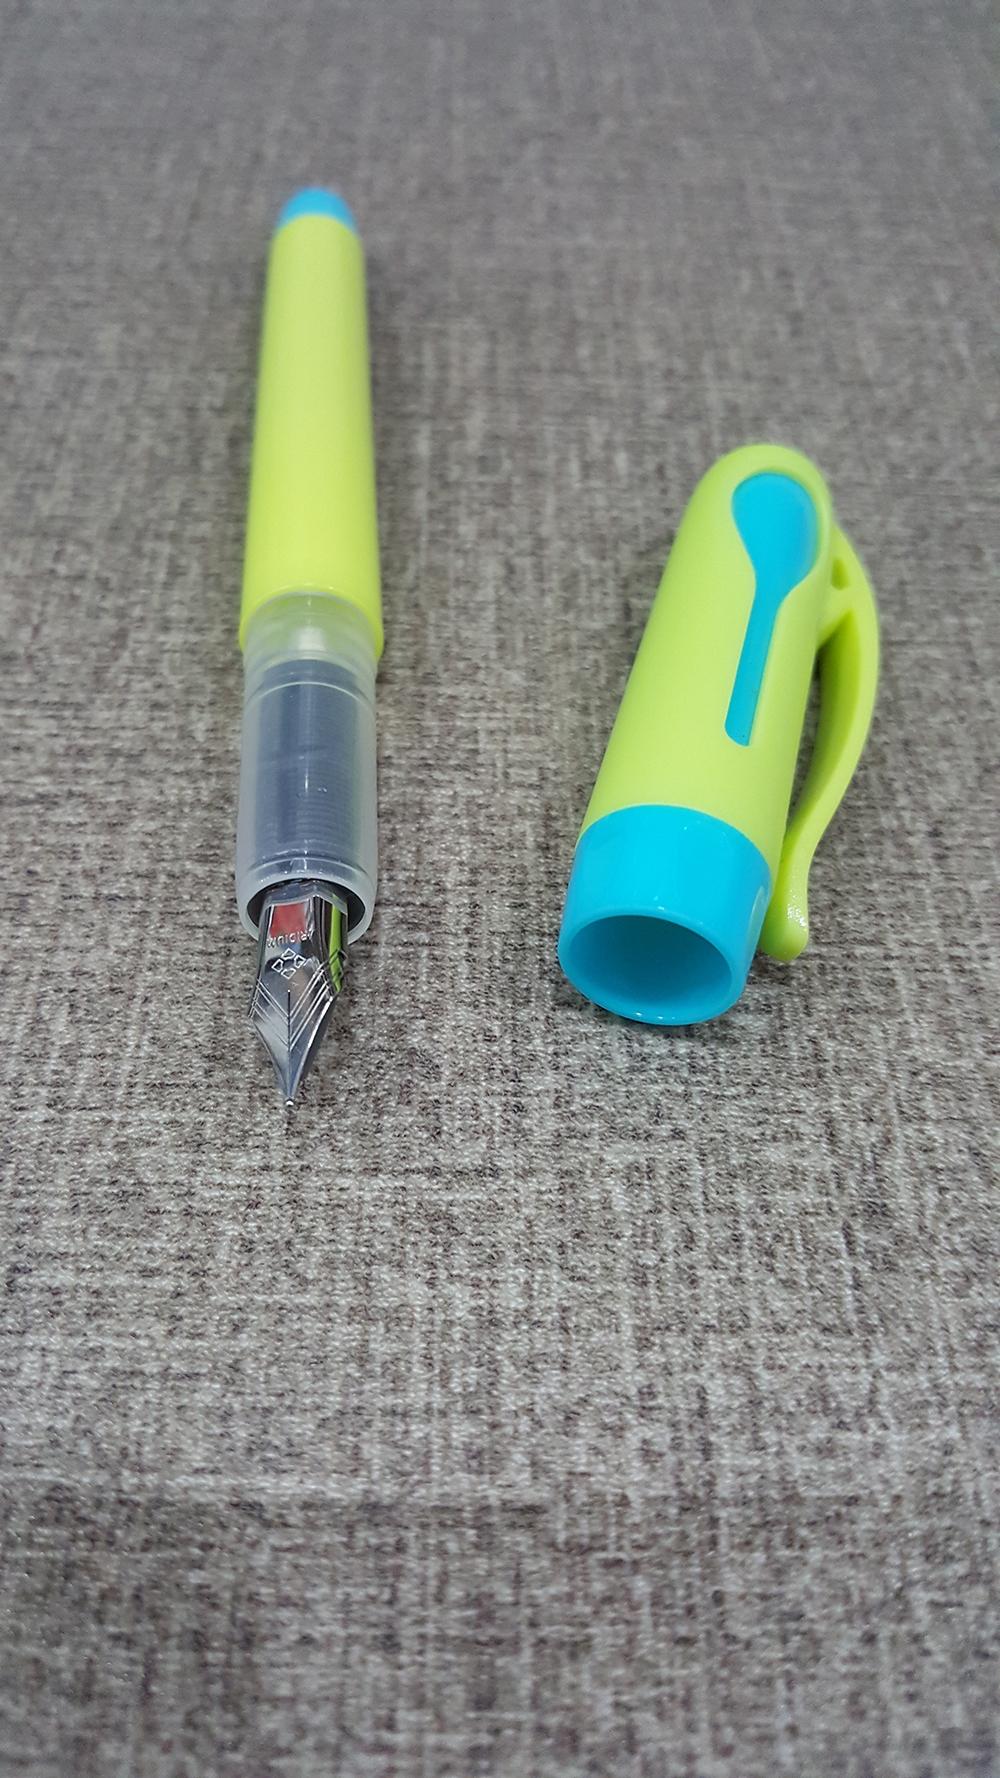 Bộ 2 Bút Máy 1 Ống Mực Tím SMARTKIDS SK-FP1004 - Thân Bút Xanh Chuối